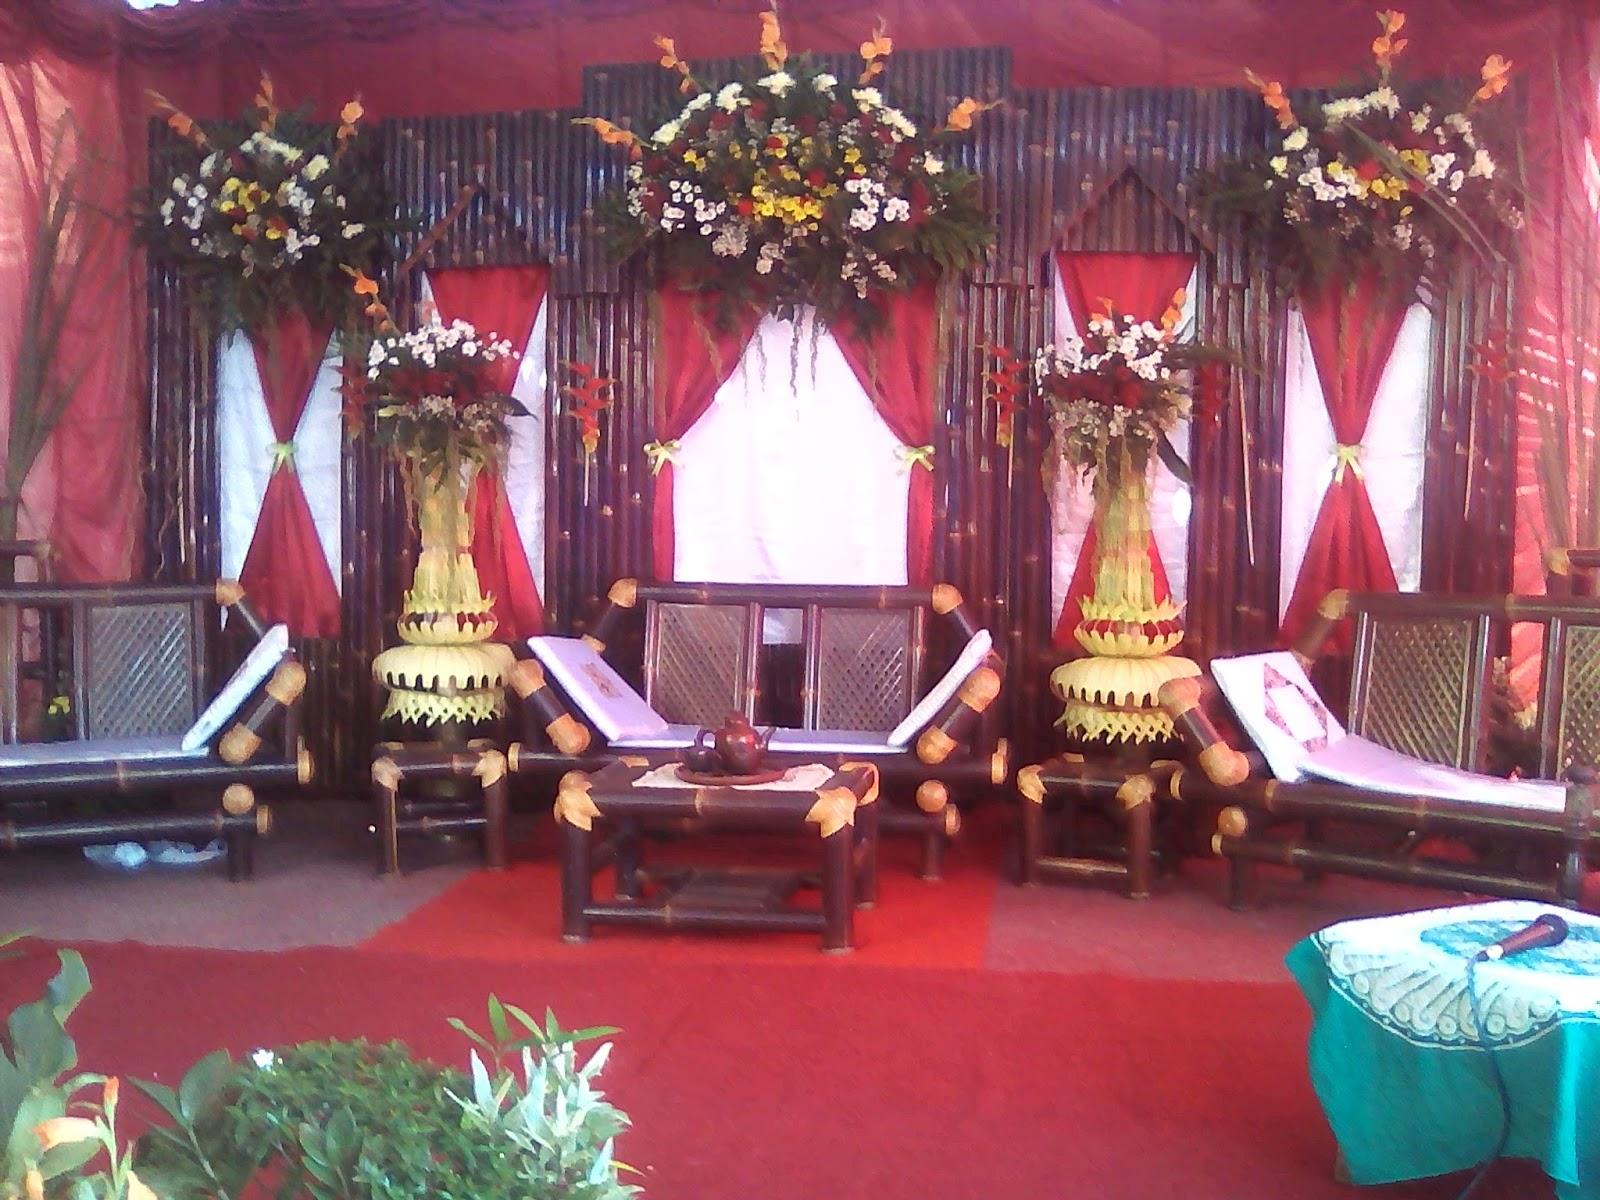 dekorasi pernikahan harga 2jutaan